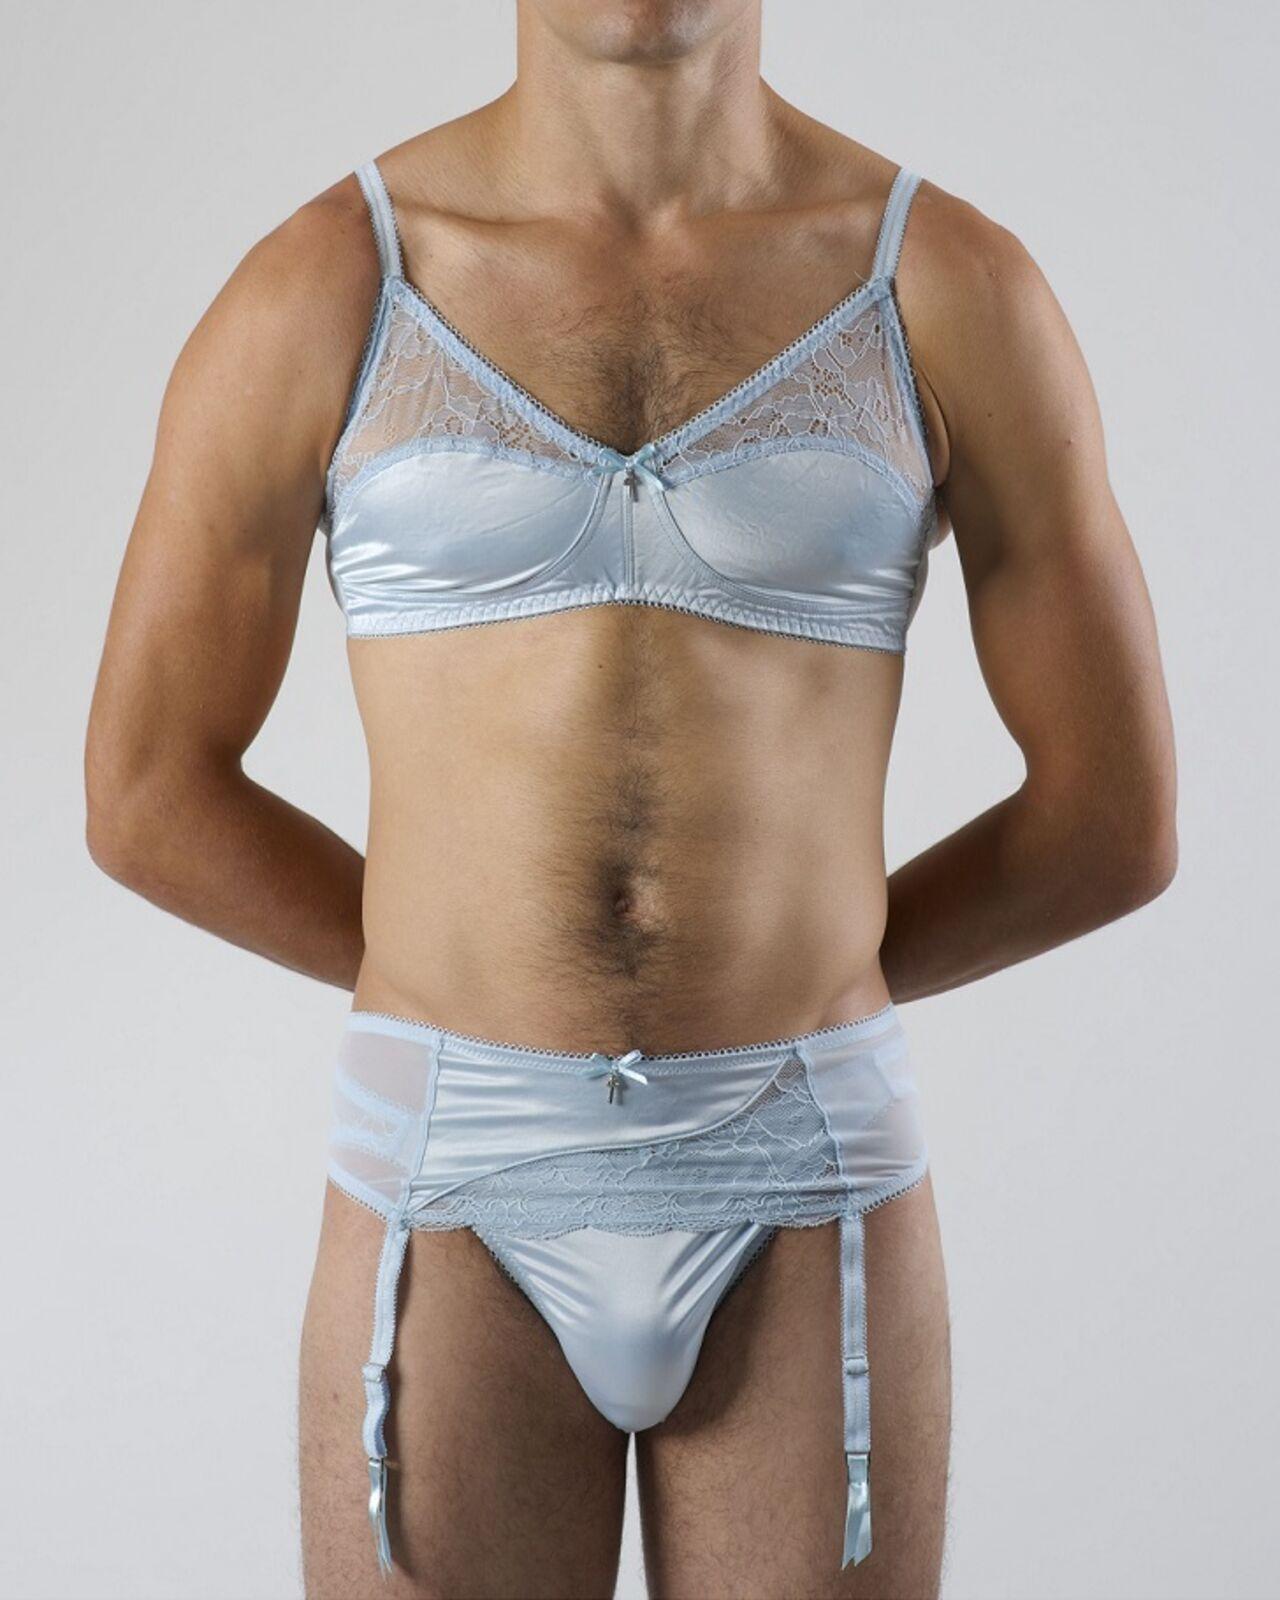 Посмотреть фото как девушка одеваетца в стринги и в ливчик очень тонкие 24 фотография